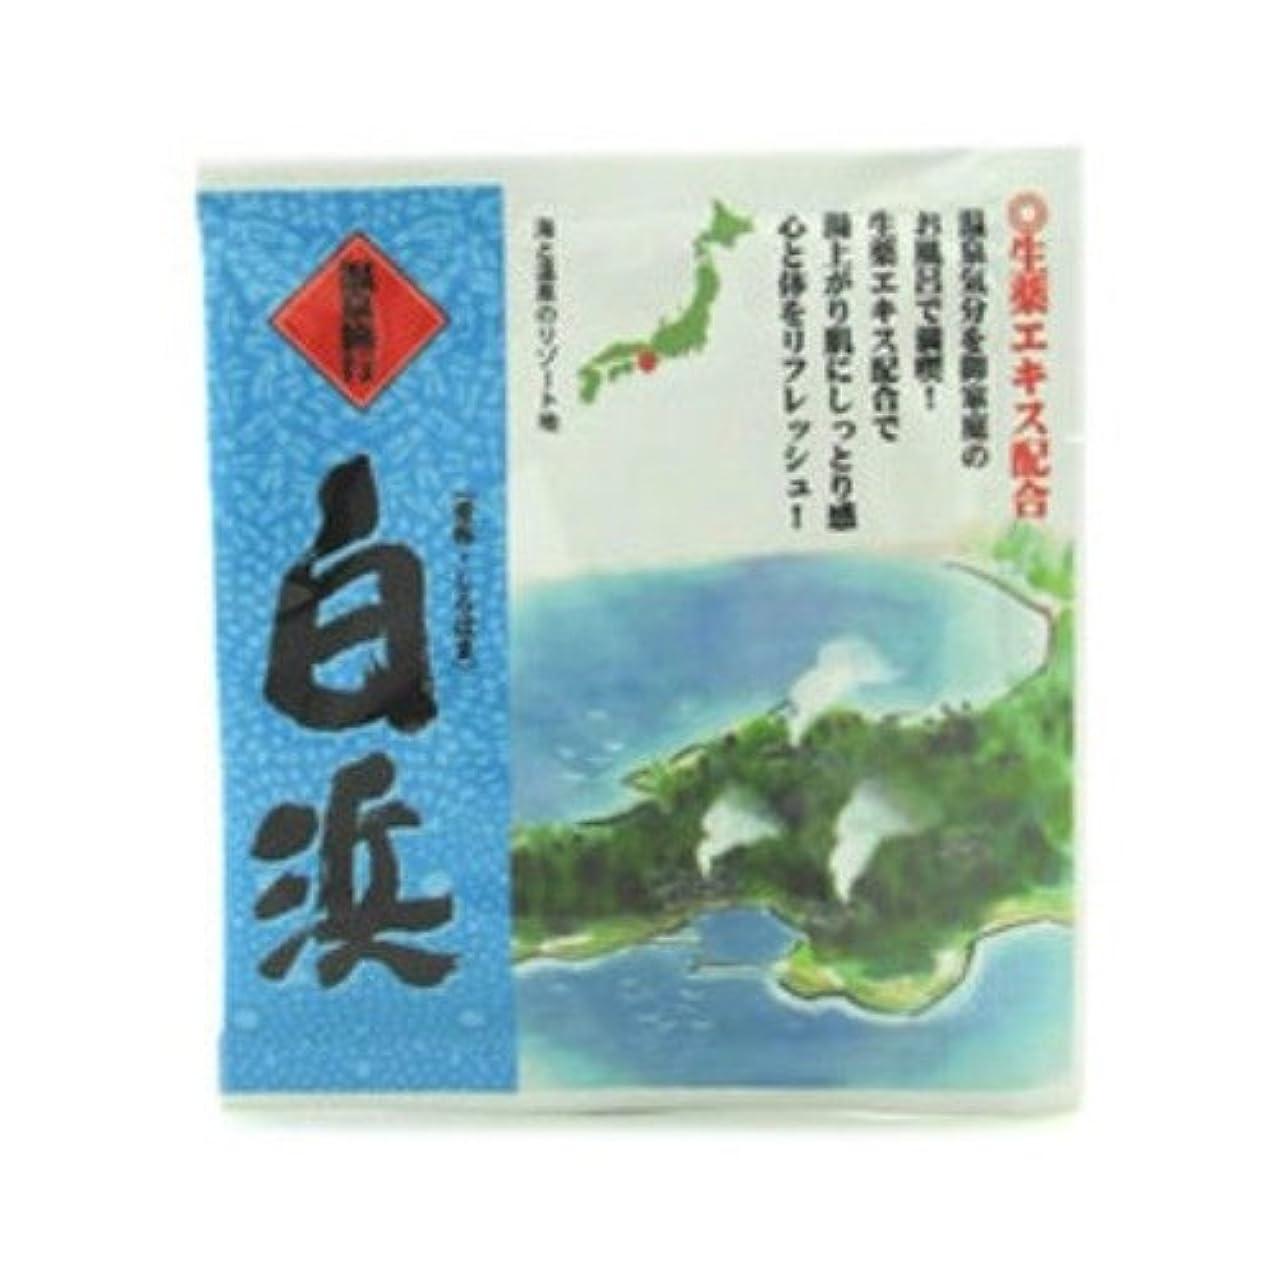 肥料地域の図五洲薬品 温泉旅行 白浜 25g 4987332128205